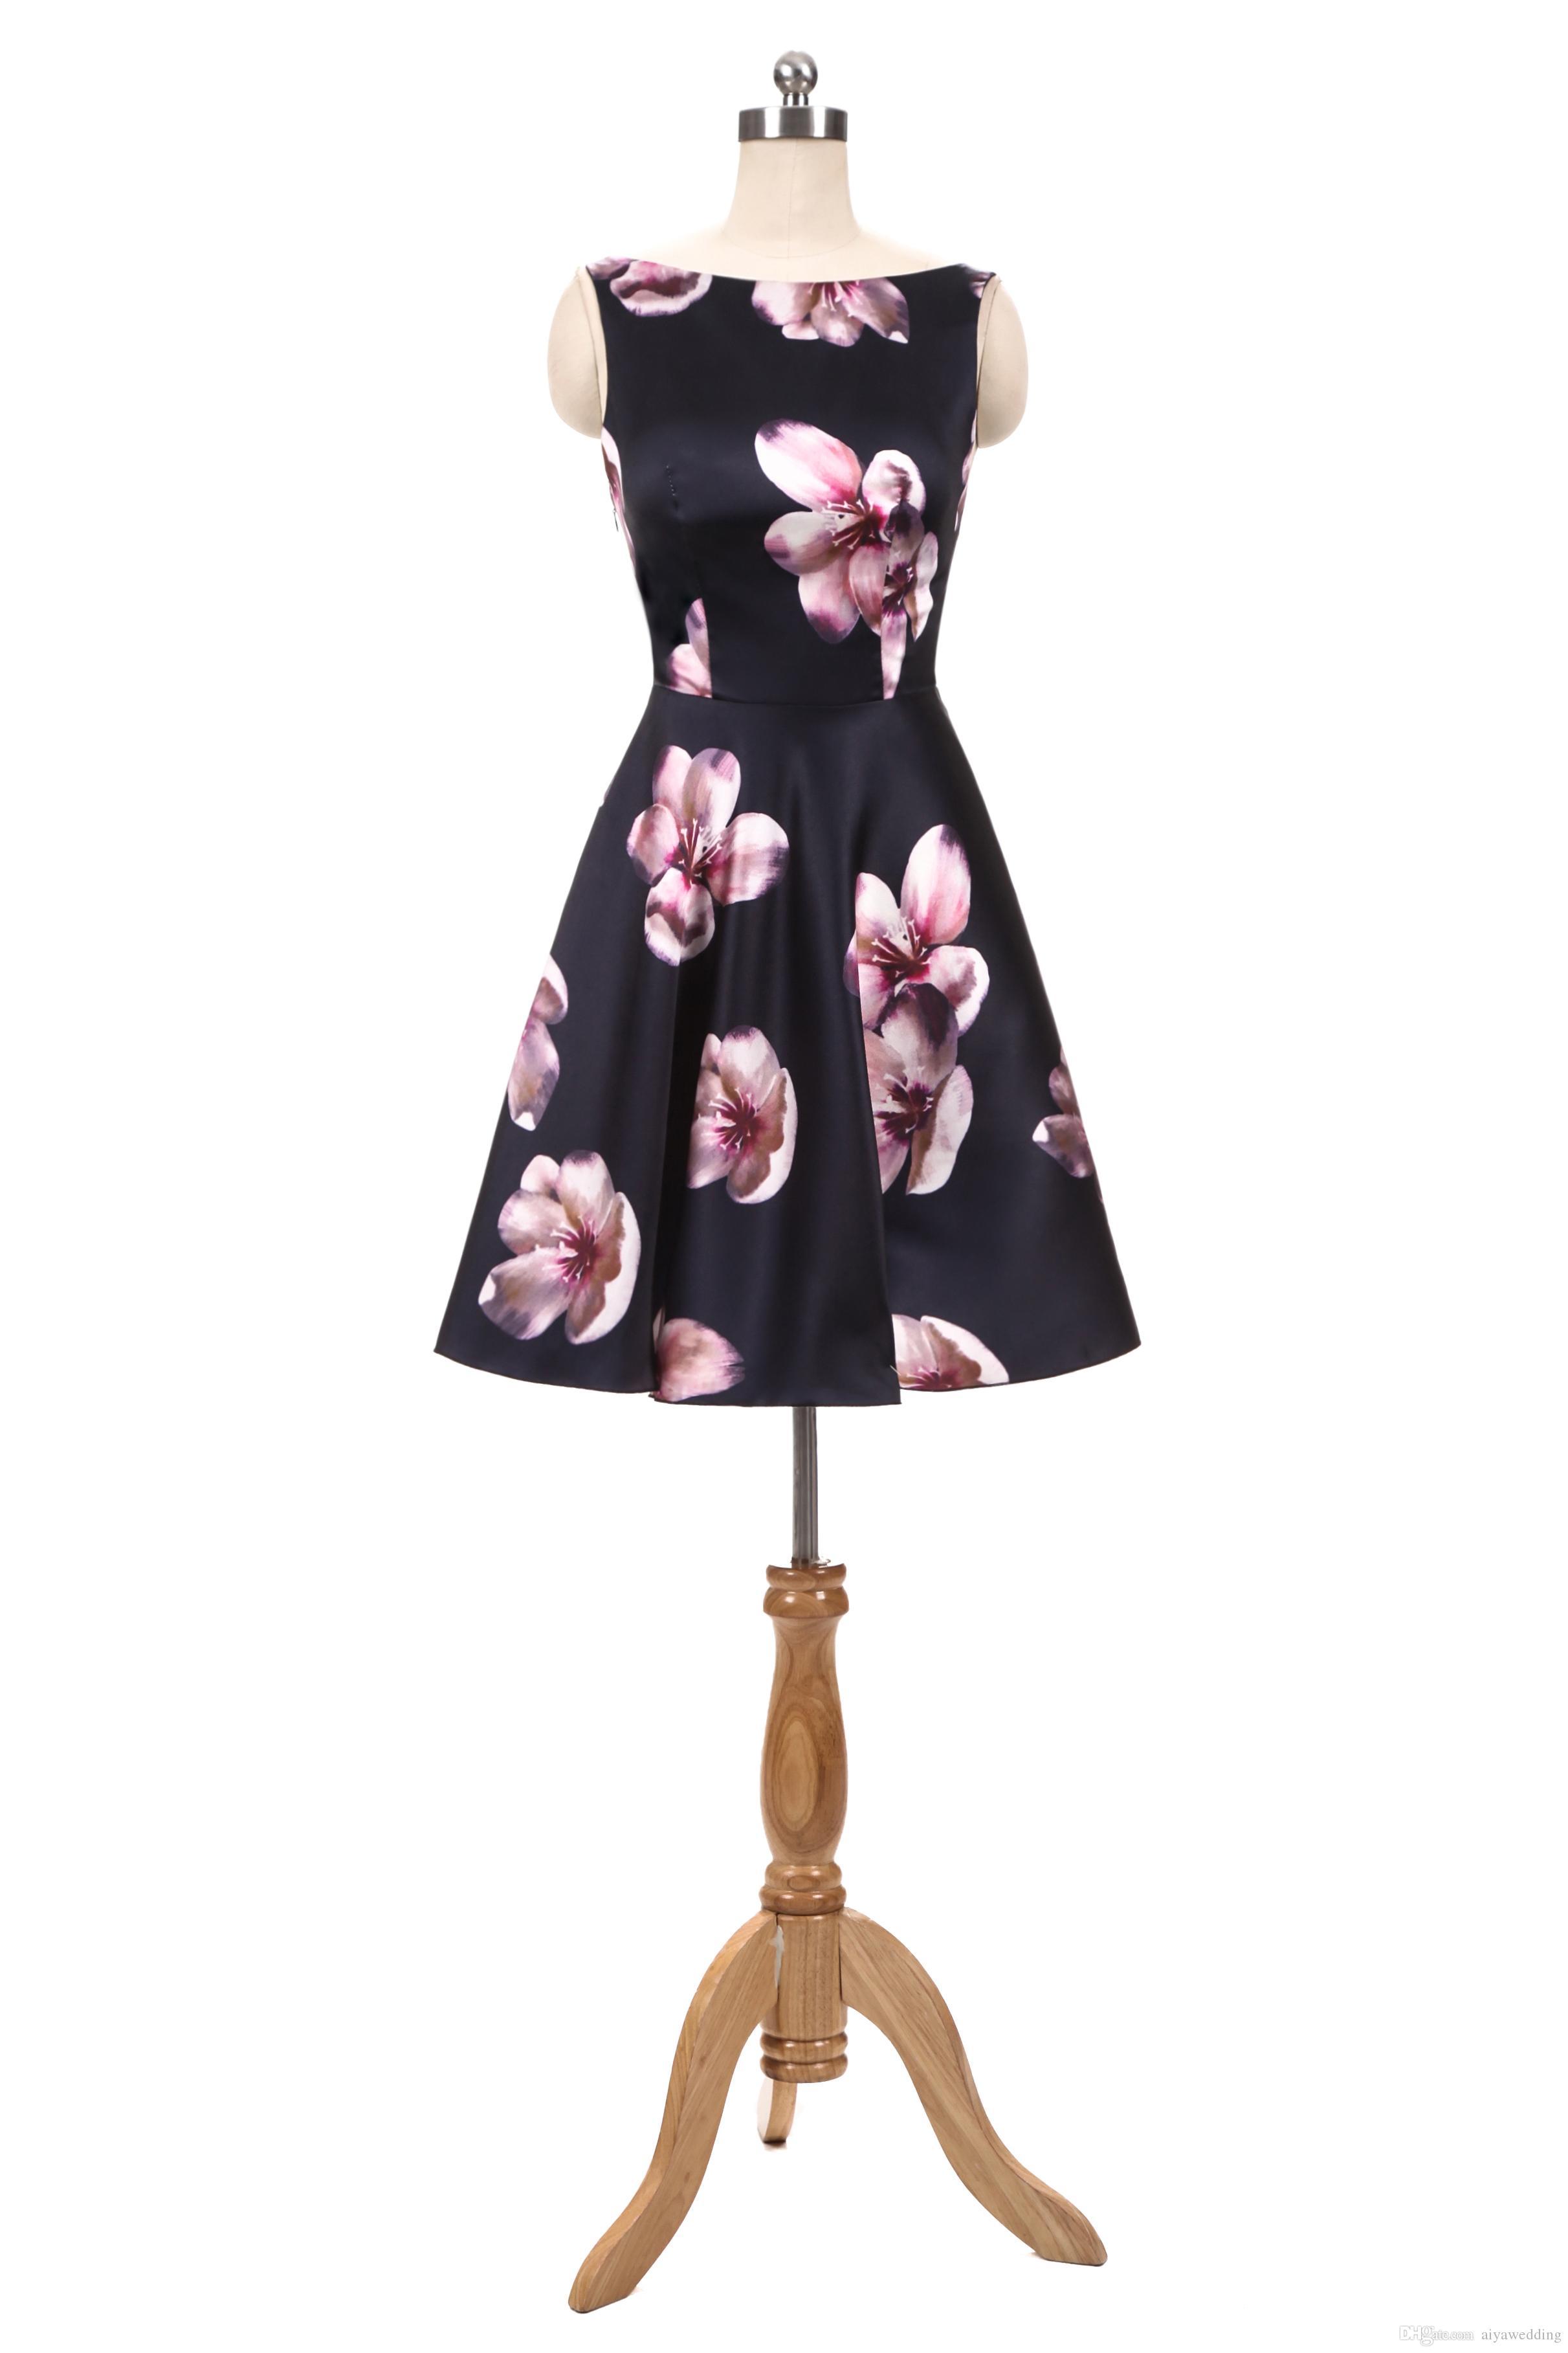 3e4bfb8c5f6ca 2019 Summer Printed Flower Homecoming Dress A Line V Neck Knee Length Prom  Dresses Short Mini Cocktail Dresses Short Formal Dresses For Juniors Short  Sexy ...